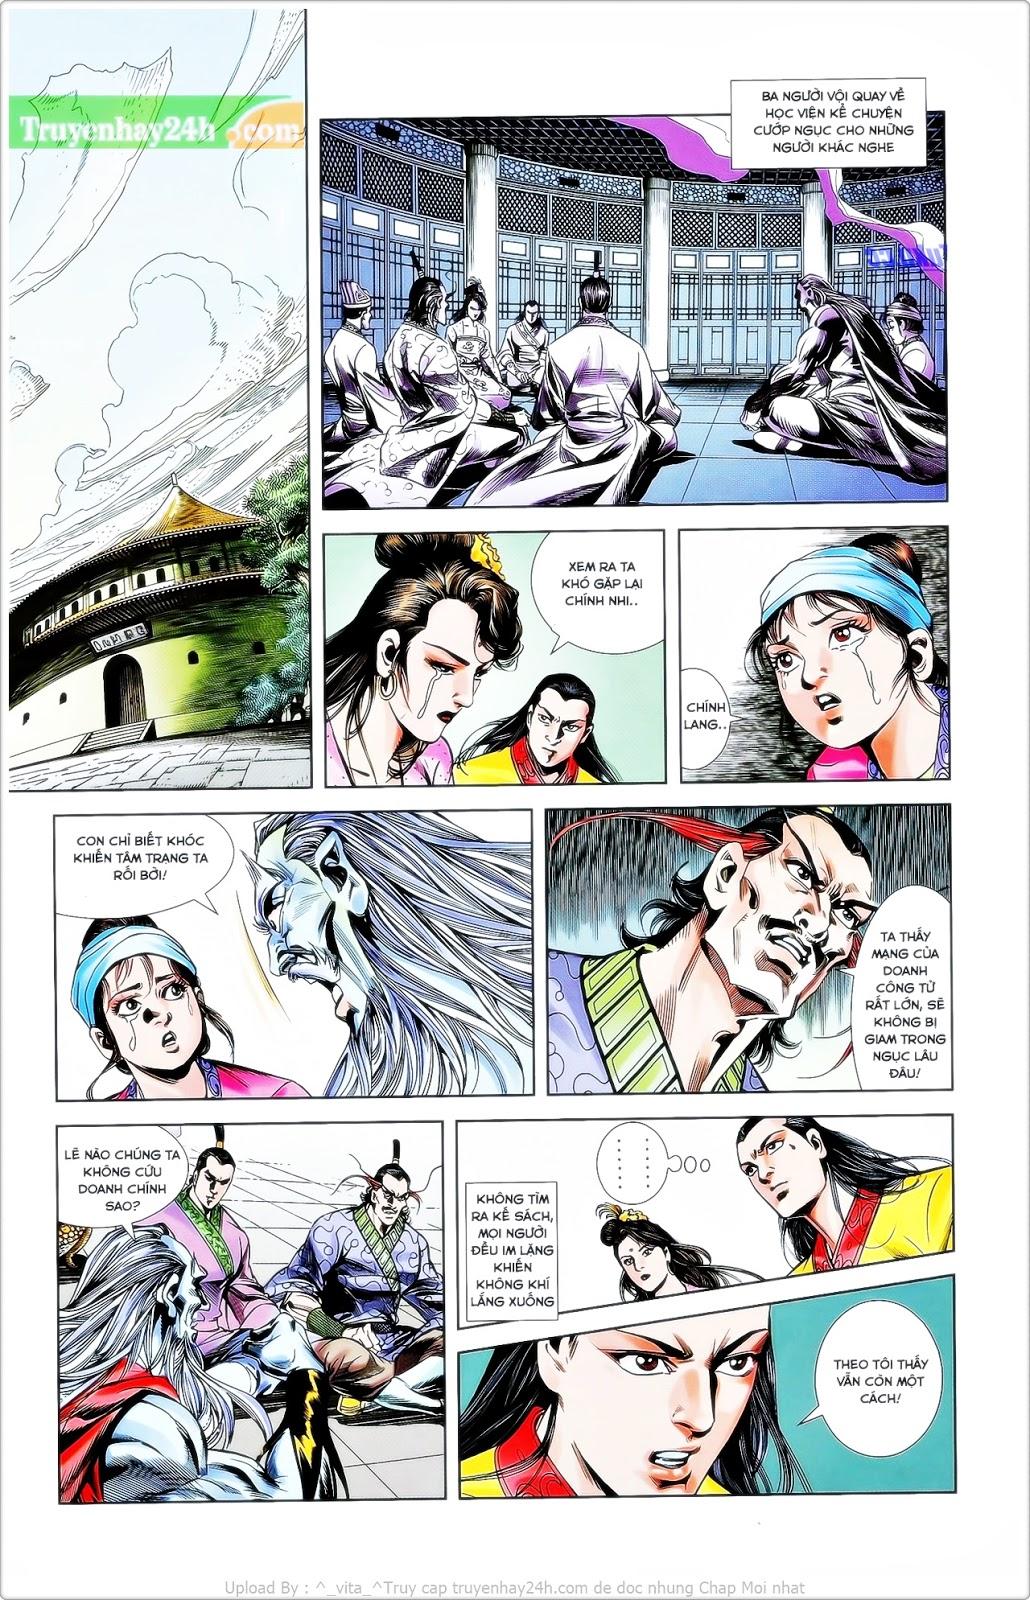 Tần Vương Doanh Chính chapter 26 trang 10